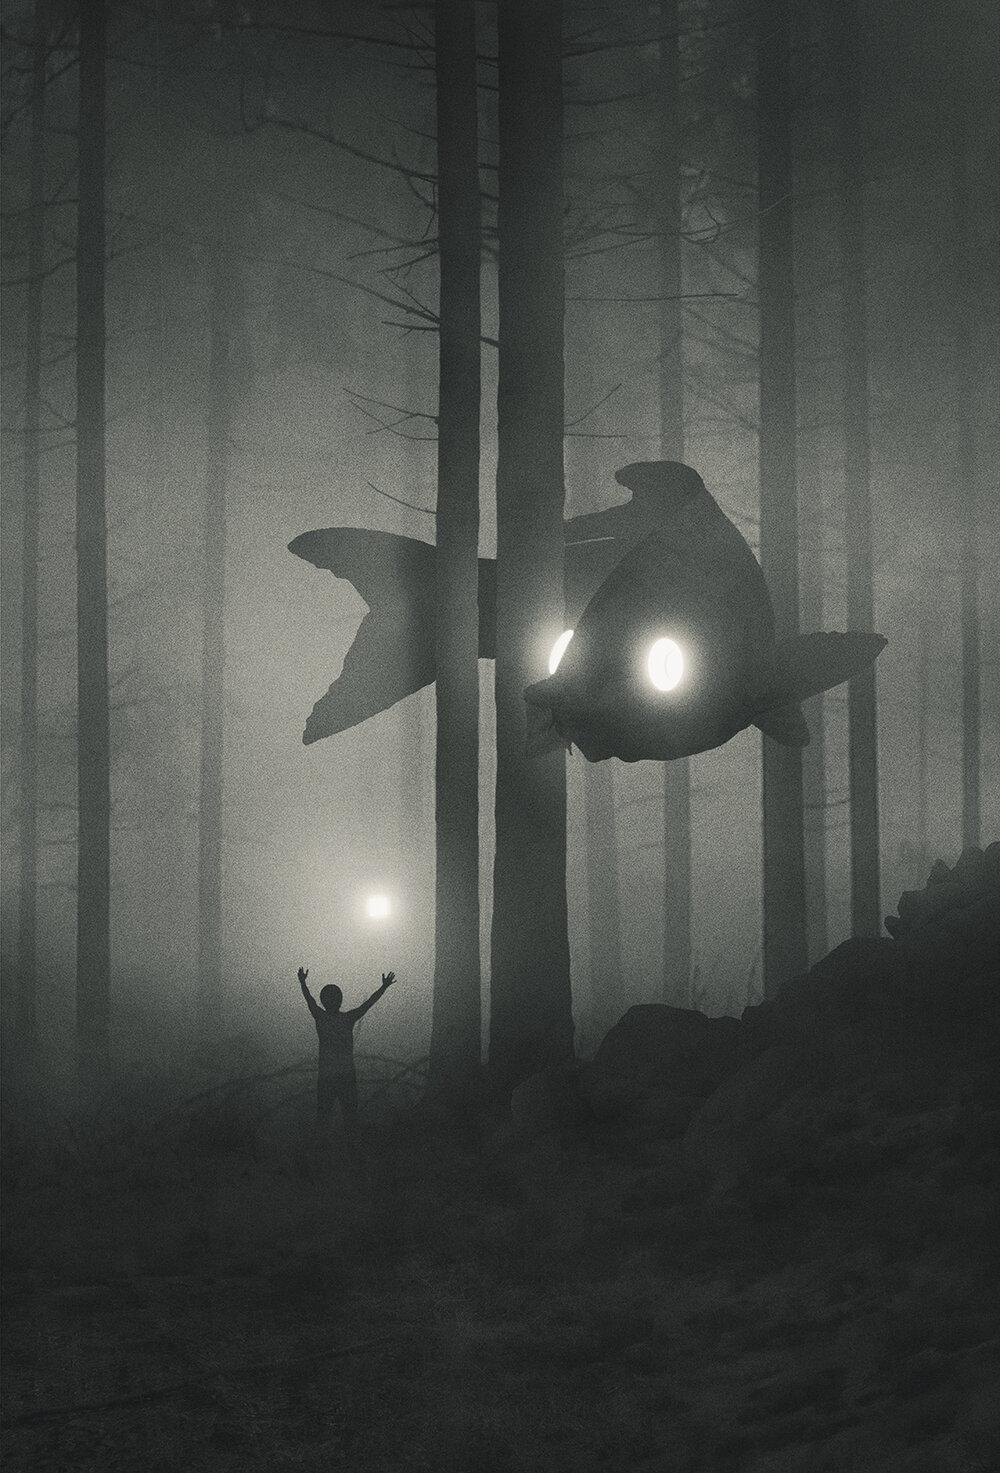 dawid-planeta6.jpg